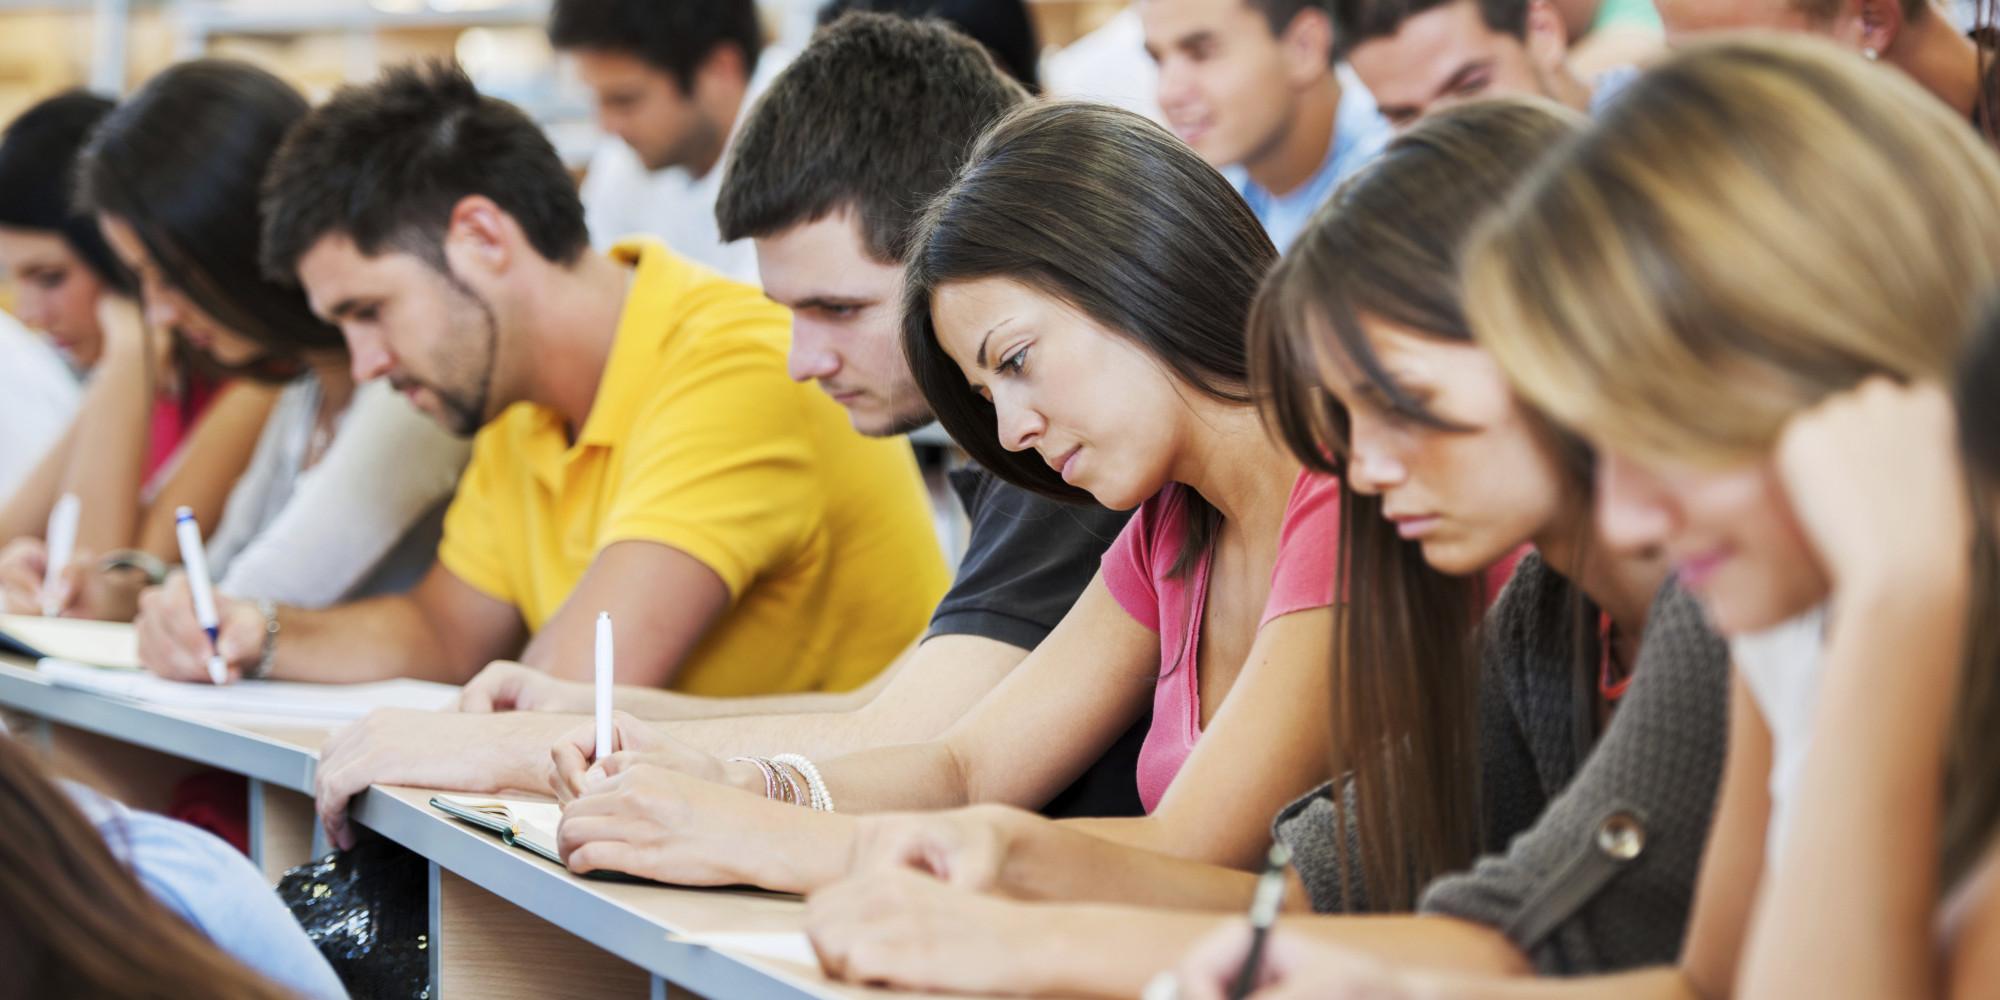 В Азербайджане больше студентов будут обучаться бесплатно